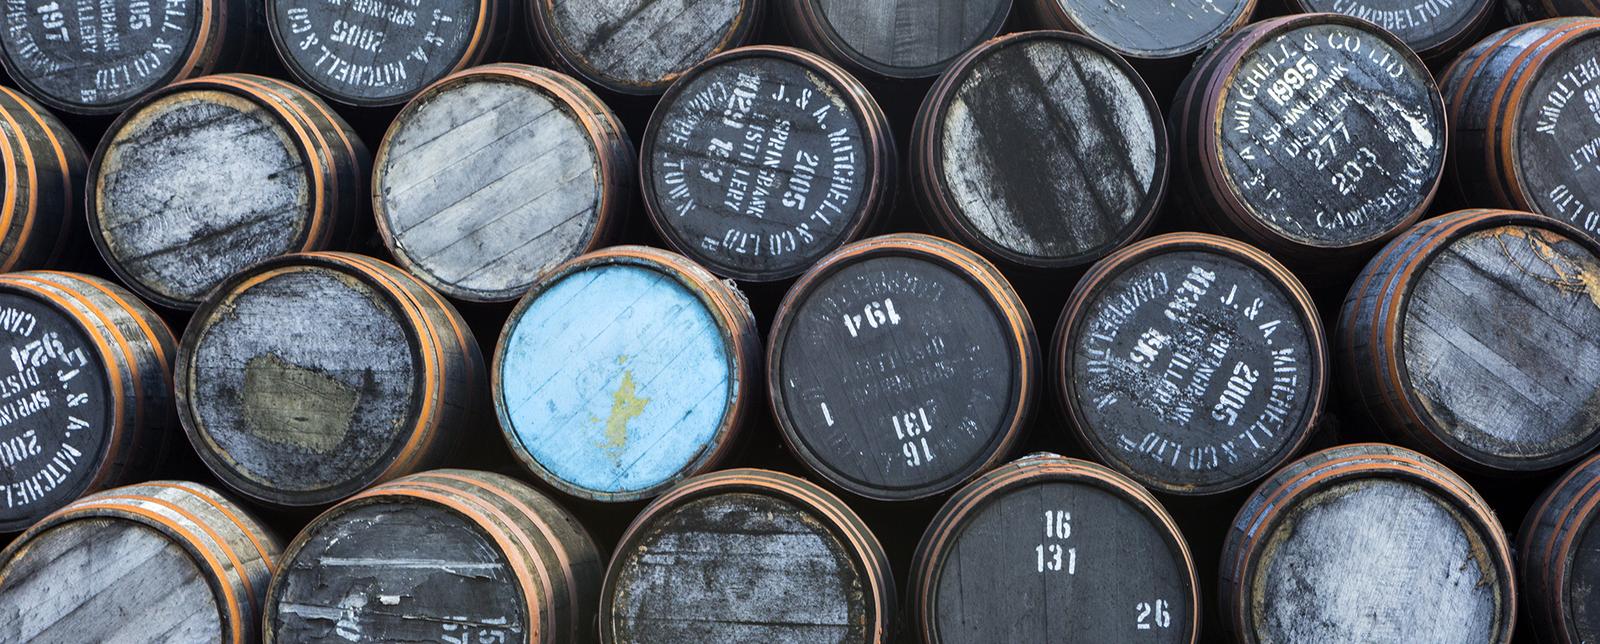 fabrication_whisky